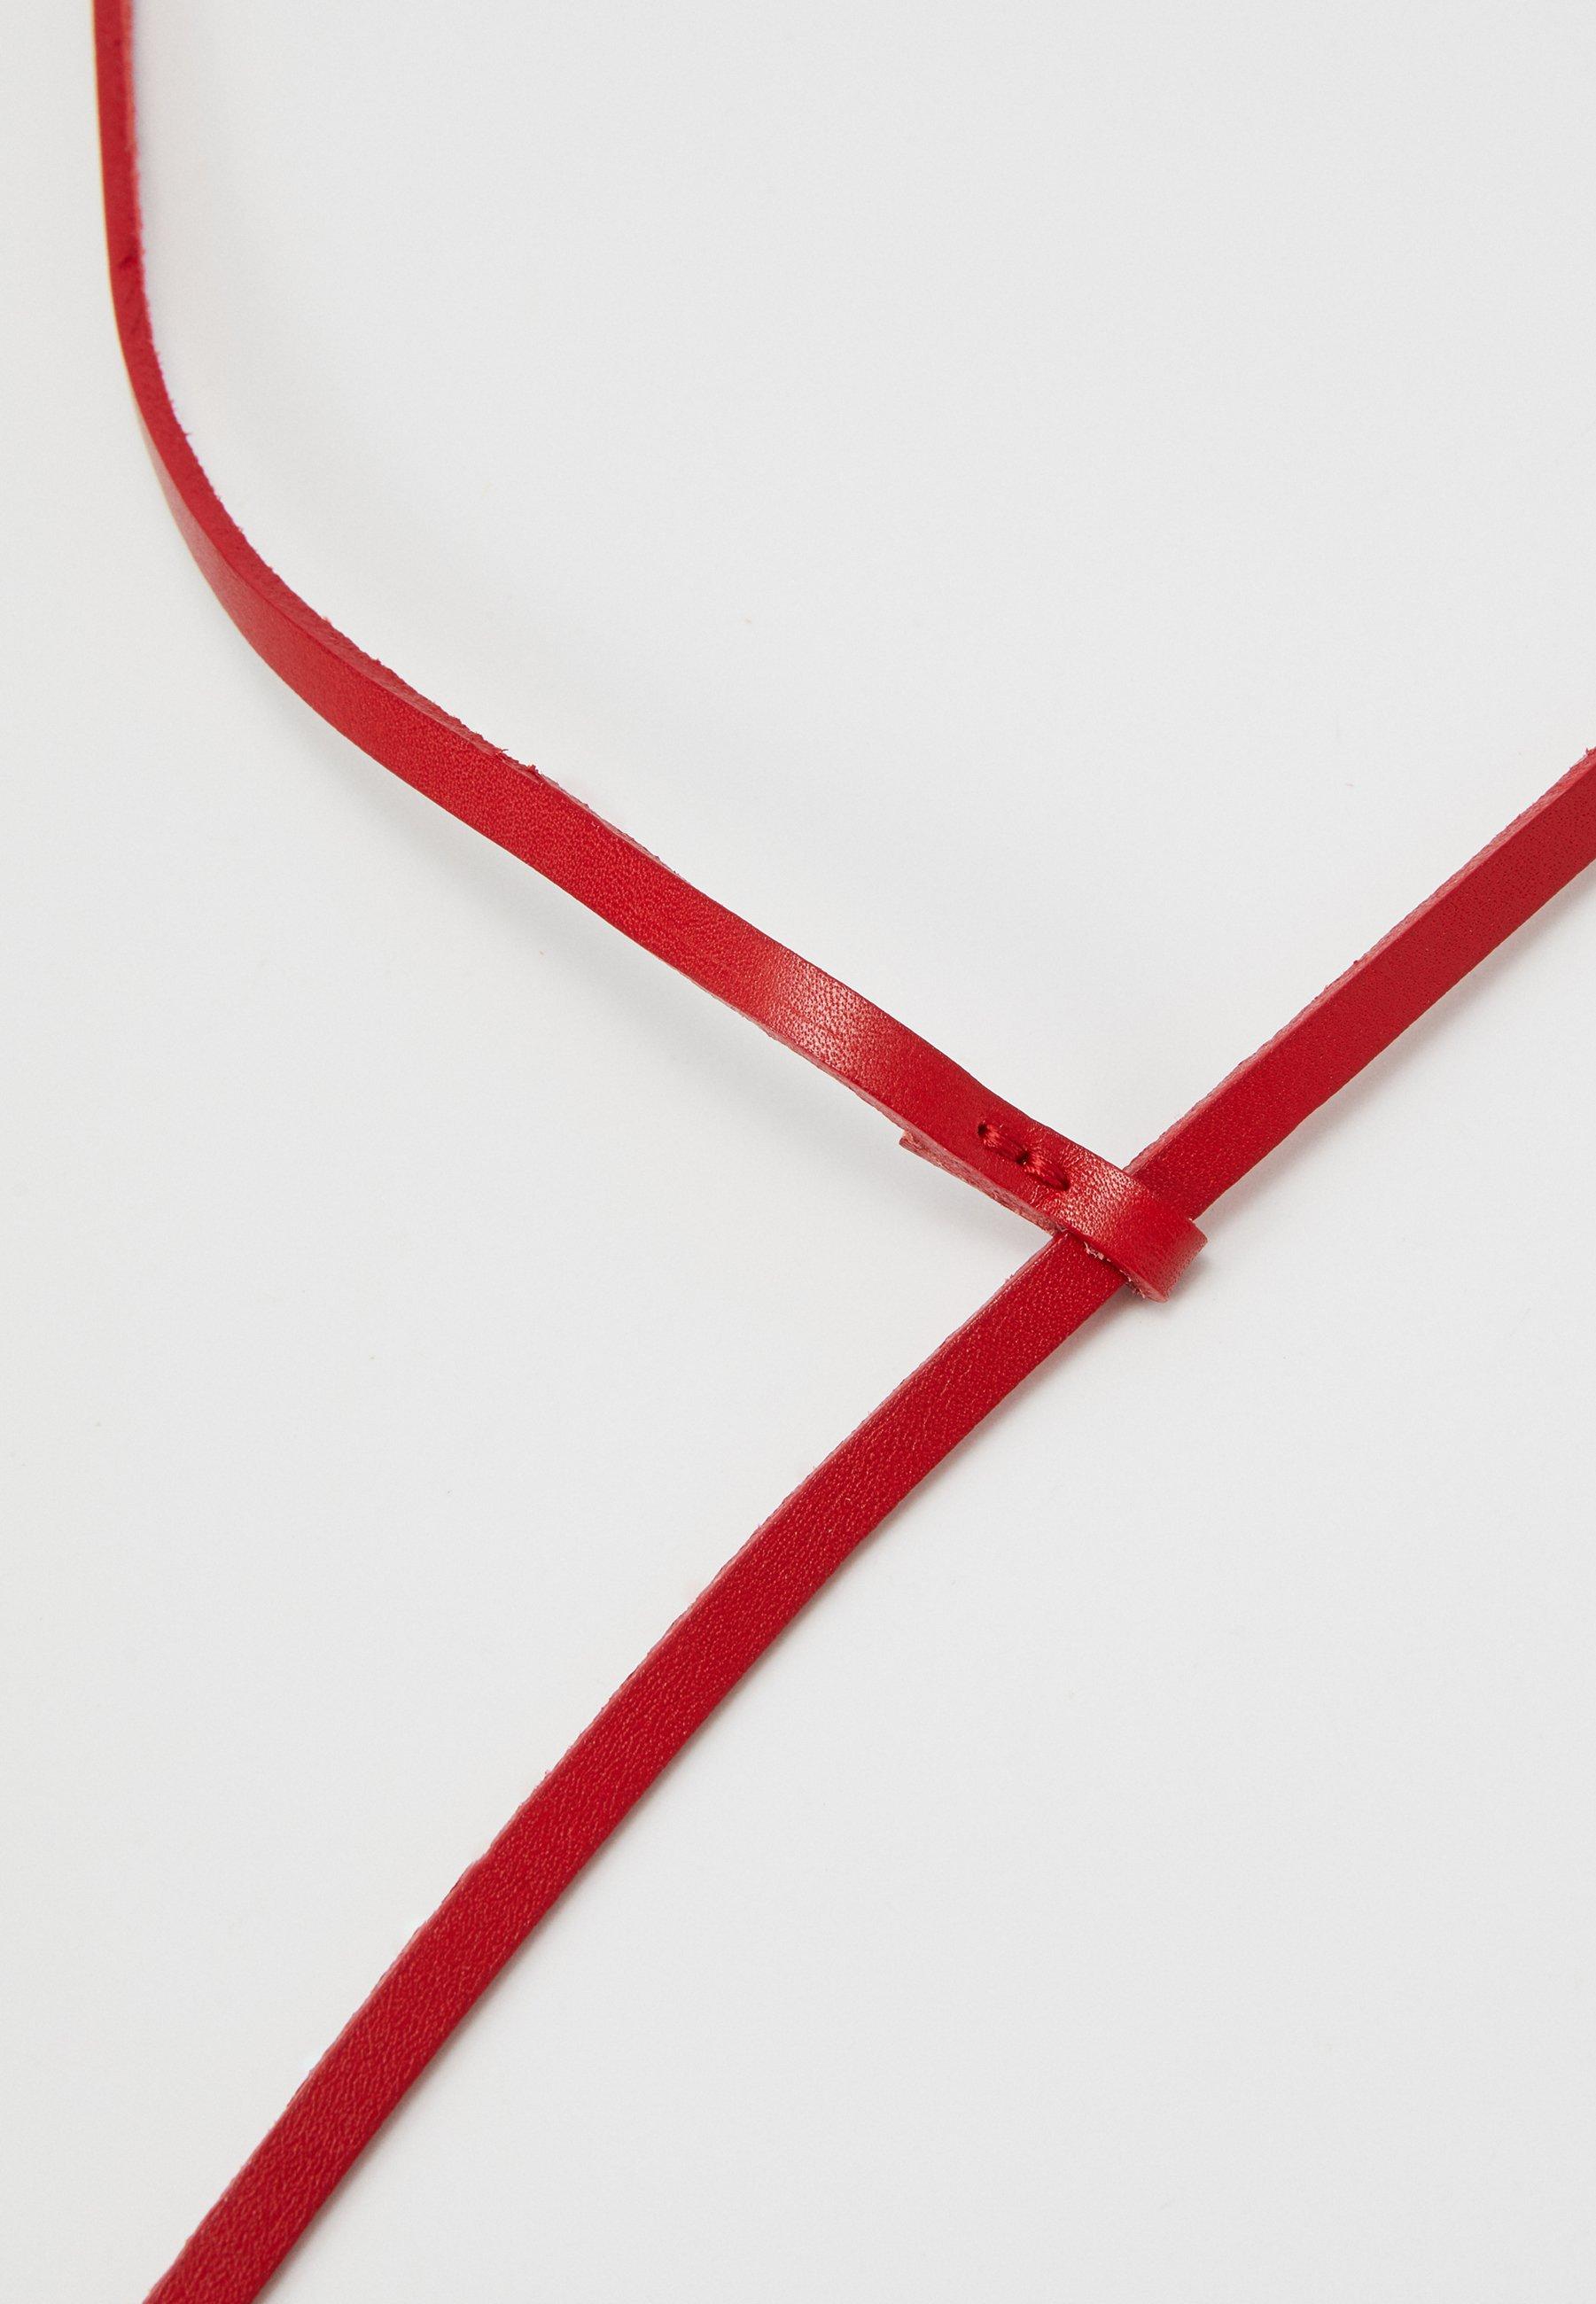 Vanzetti Belte - rot/rød DfLwkR1rdxwmBPJ